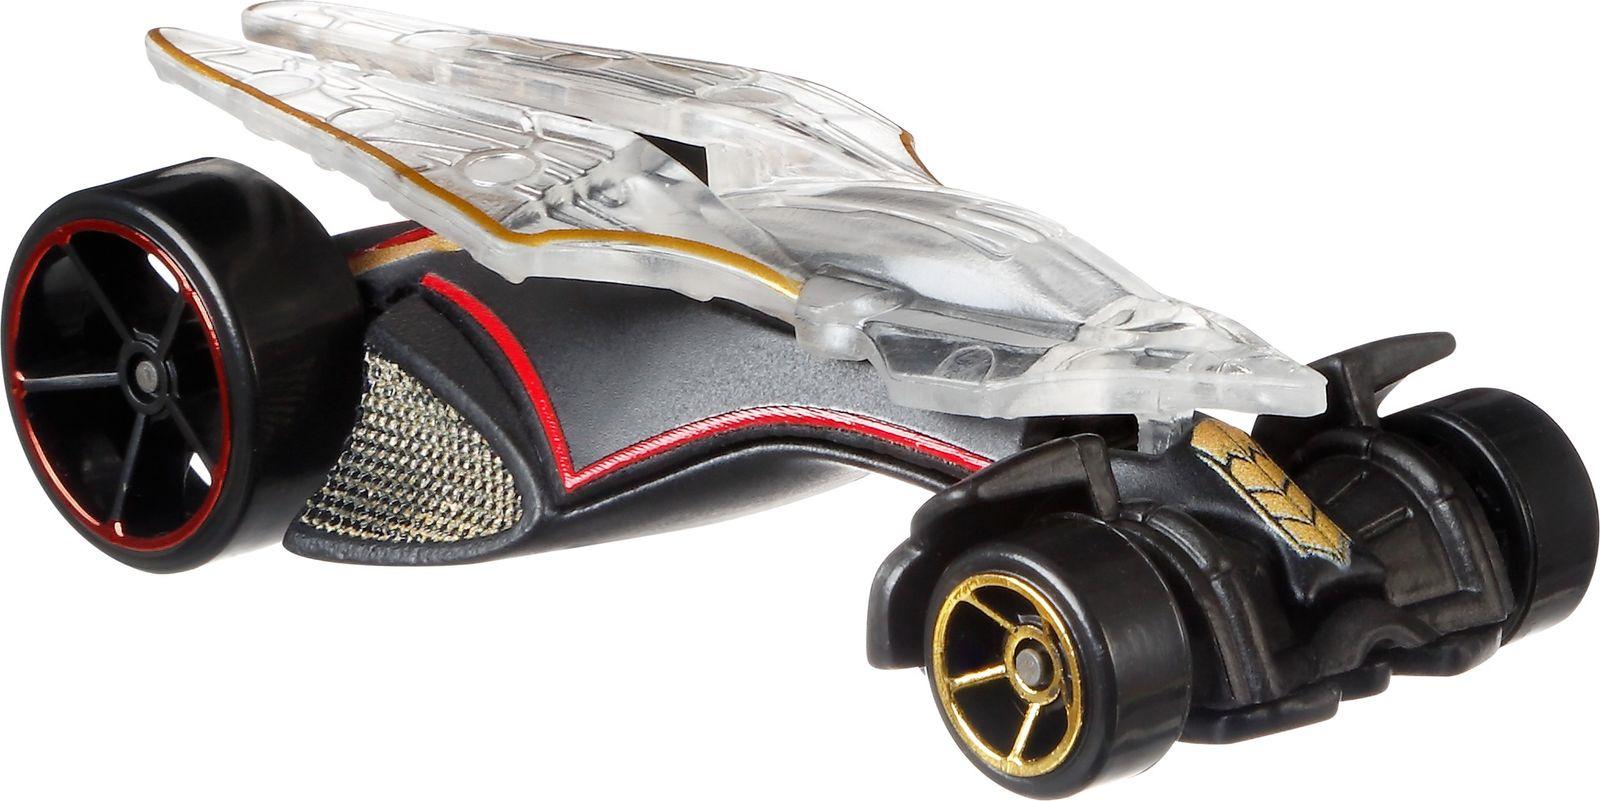 Машинка Hot Wheels Avengers The Wasp, BDM71_FLG58 кейс для автомобилей hot wheels